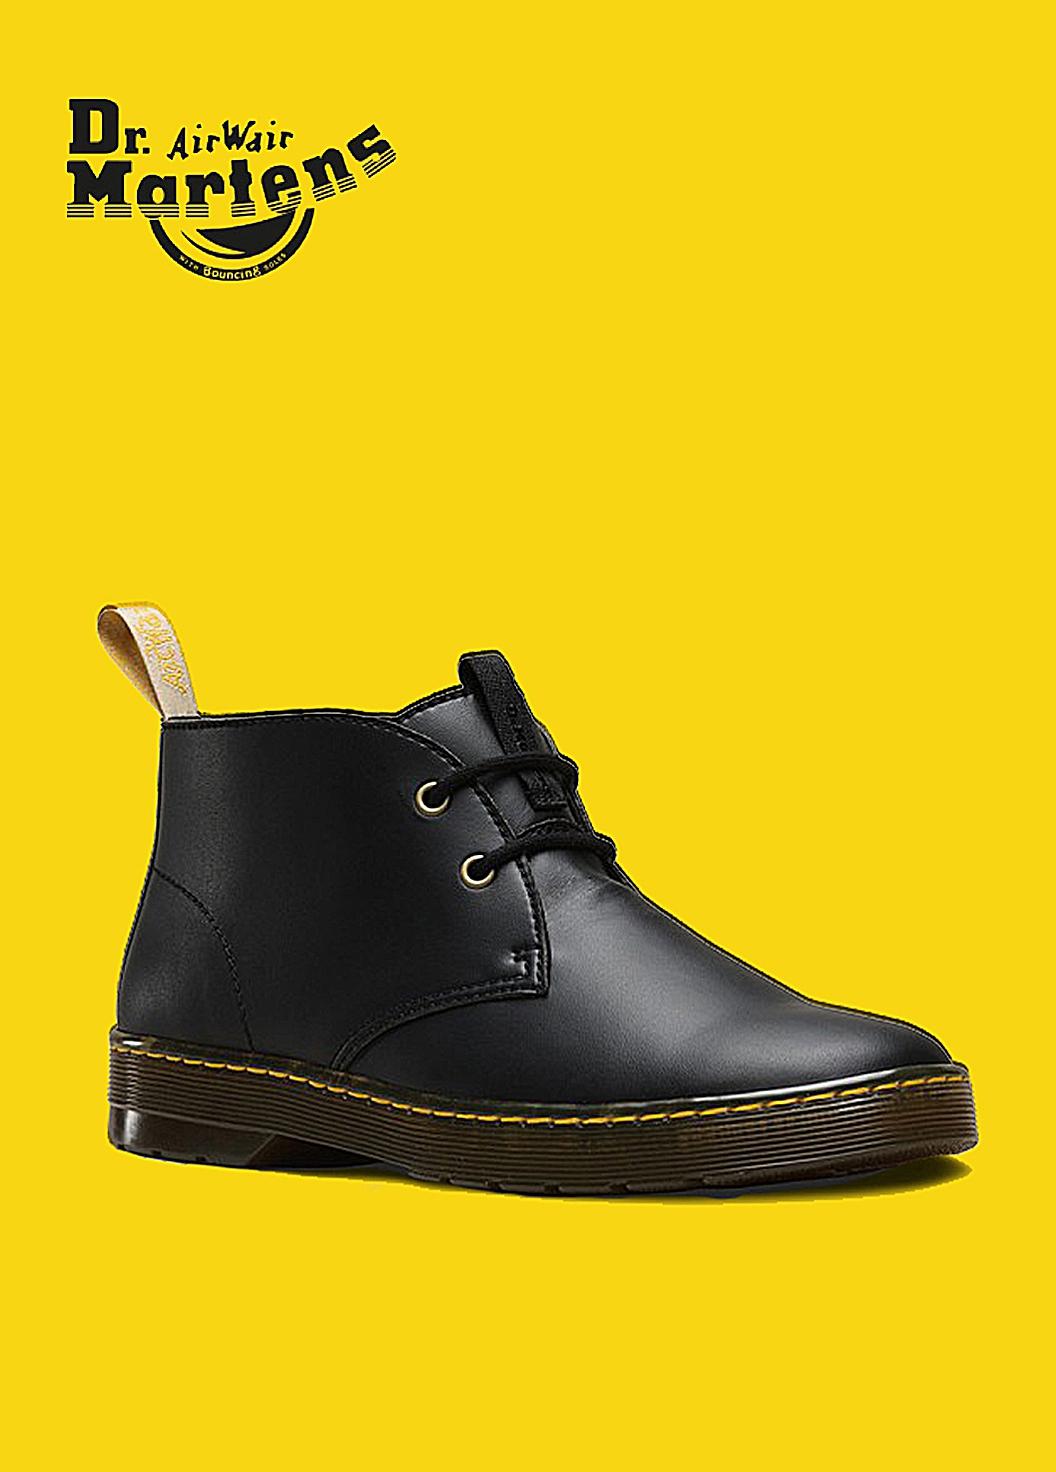 Vegan DR. MARTENS | Back in stock! | Vegan Boots by DR. MARTENS Shop online!